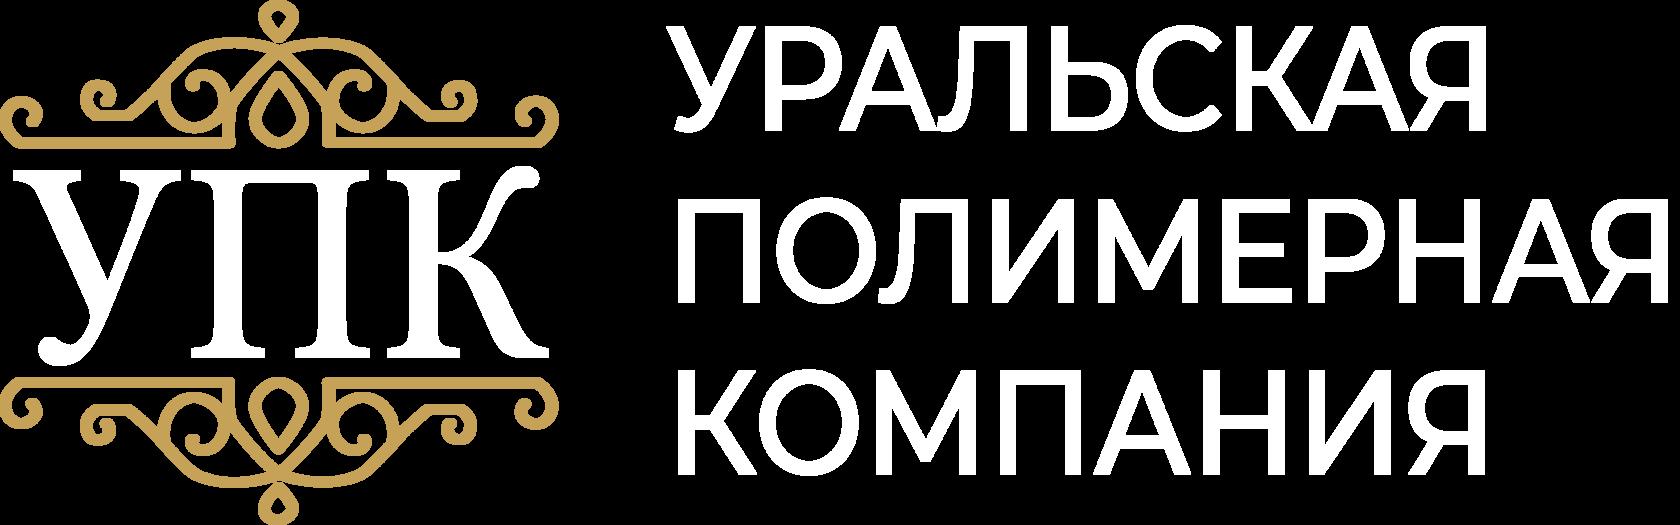 Уральская Полимерная Компания